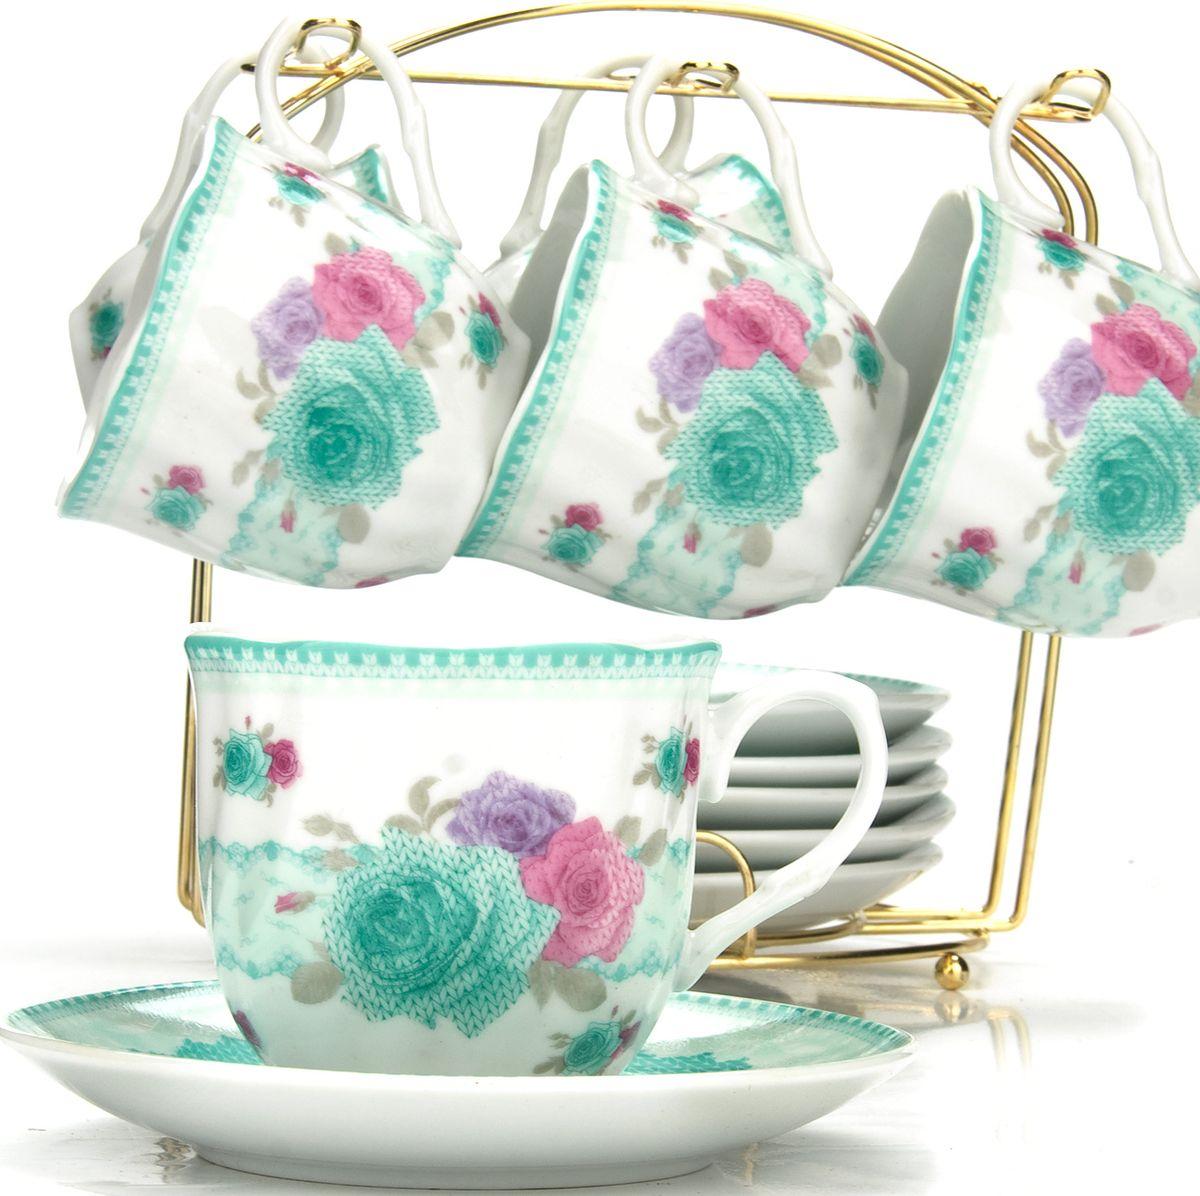 Сервиз чайный Loraine, на подставке, 13 предметов. 4328296308BЧайный набор состоит из шести чашек, шести блюдец и металлической подставки золотого цвета. Предметы набора изготовлены из качественного фарфора и оформлены красочным цветным рисунком, стенки чашек имеют изящную волнистую поверхность. Чайный набор идеально подойдет для сервировки стола и станет отличным подарком к любому празднику. Все изделия можно компактно хранить на подставке, входящей в набор. Подходит для мытья в посудомоечной машине.Диаметр чашки: 8 см.Высота чашки: 7 см.Объем чашки: 200 мл.Диаметр блюдца: 13,5 см.